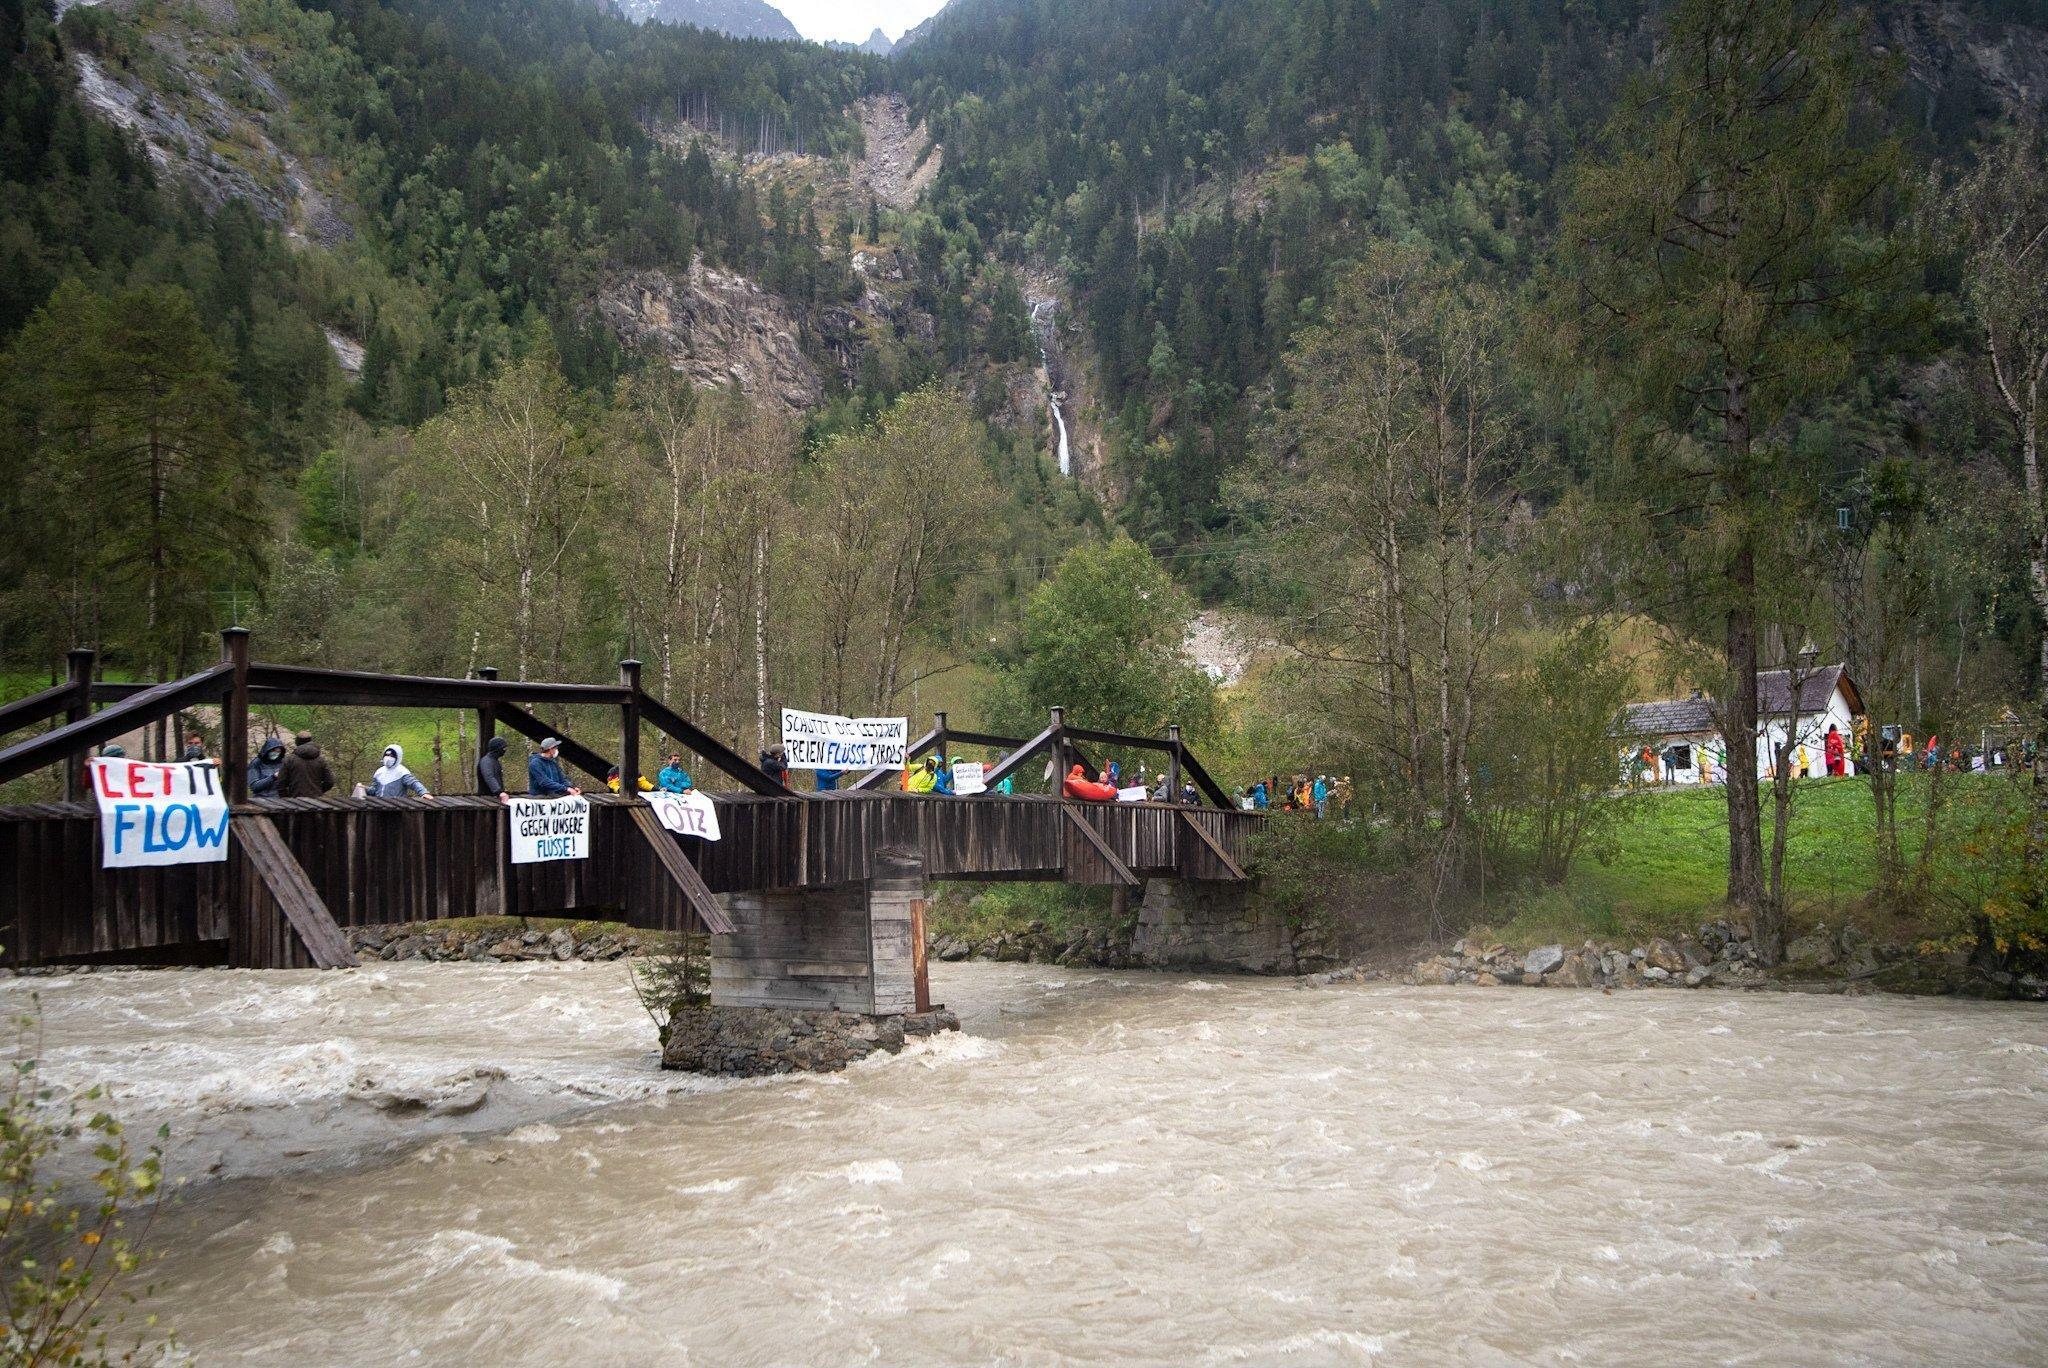 Ein Berg mit einem herunter stürzenden Bach im Hintergrund, vorne eine Holzbrücke über die Ache mit protestierenden Menschen.